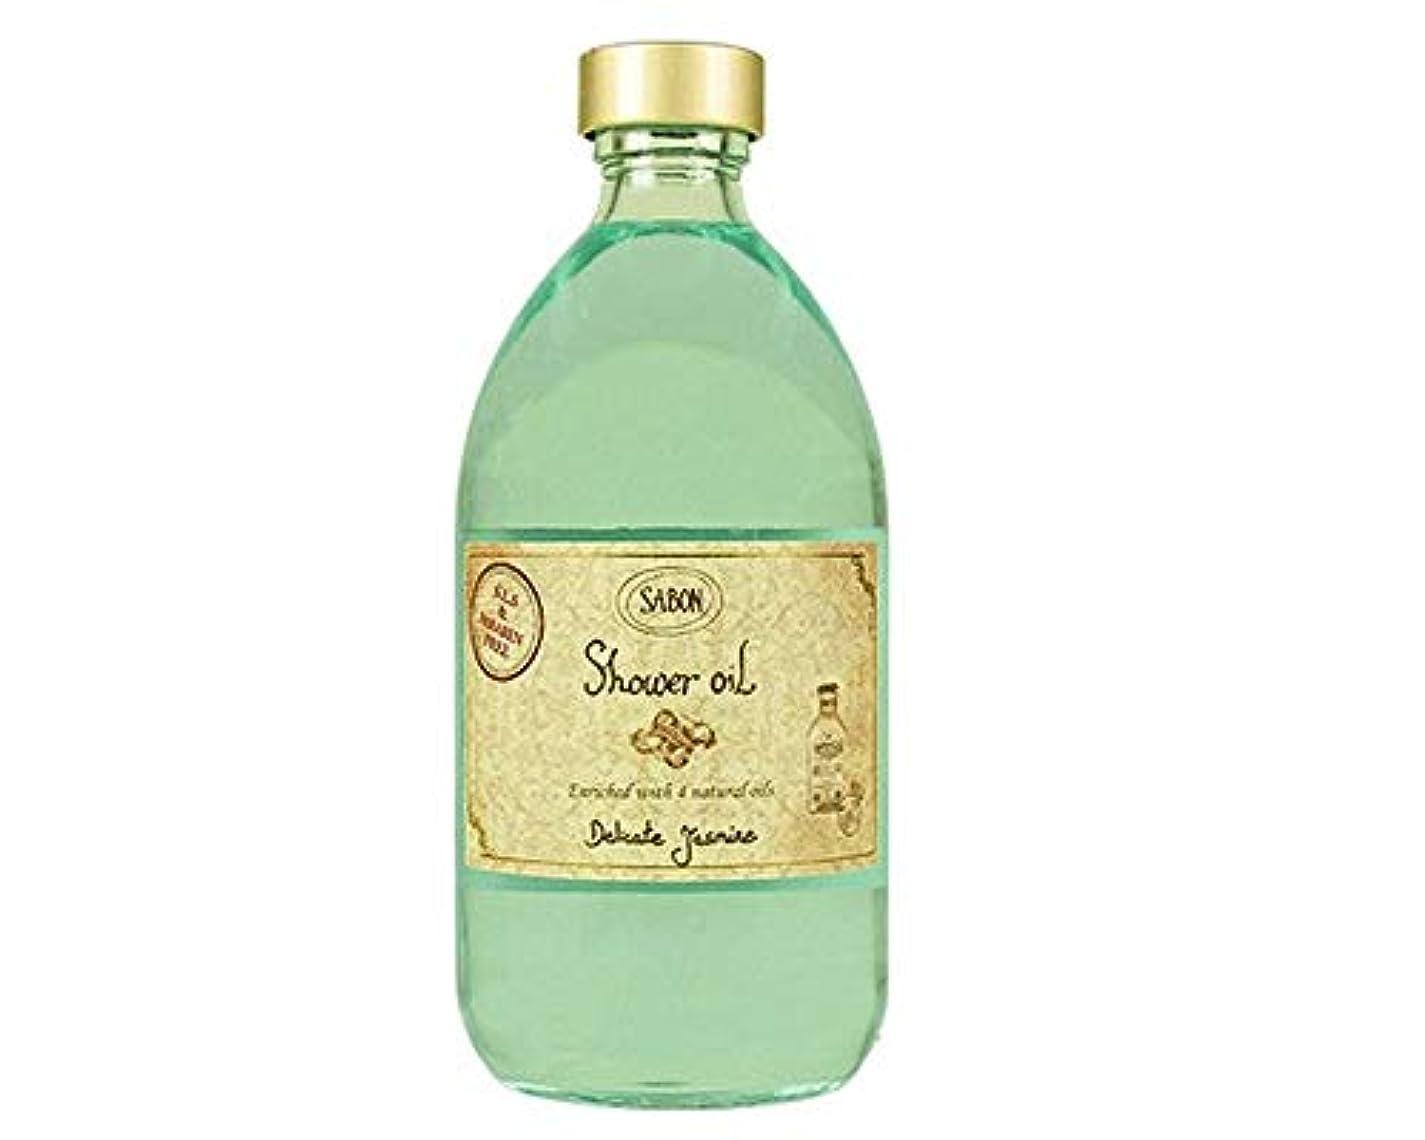 ラオス人リッチビデオサボン SABON シャワーオイル デリケートジャスミン 500ml ボディケア 保湿 潤い